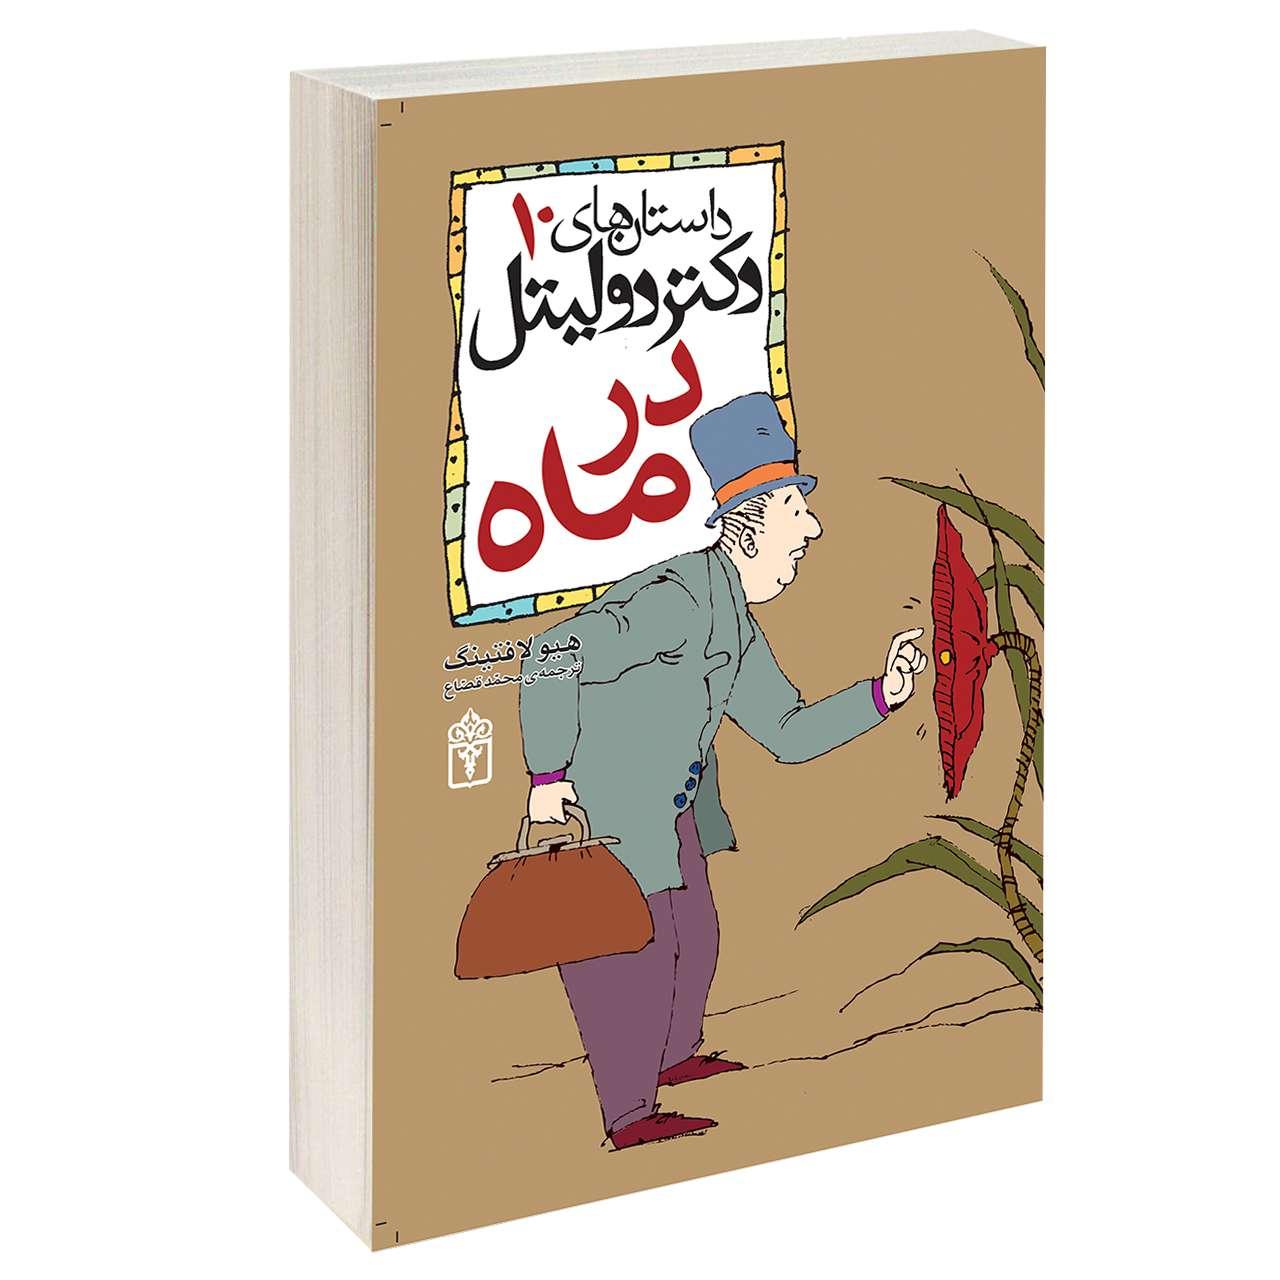 کتاب داستان های دکتر دولیتل در ماه اثر هیولافتینگ نشر محراب قلم